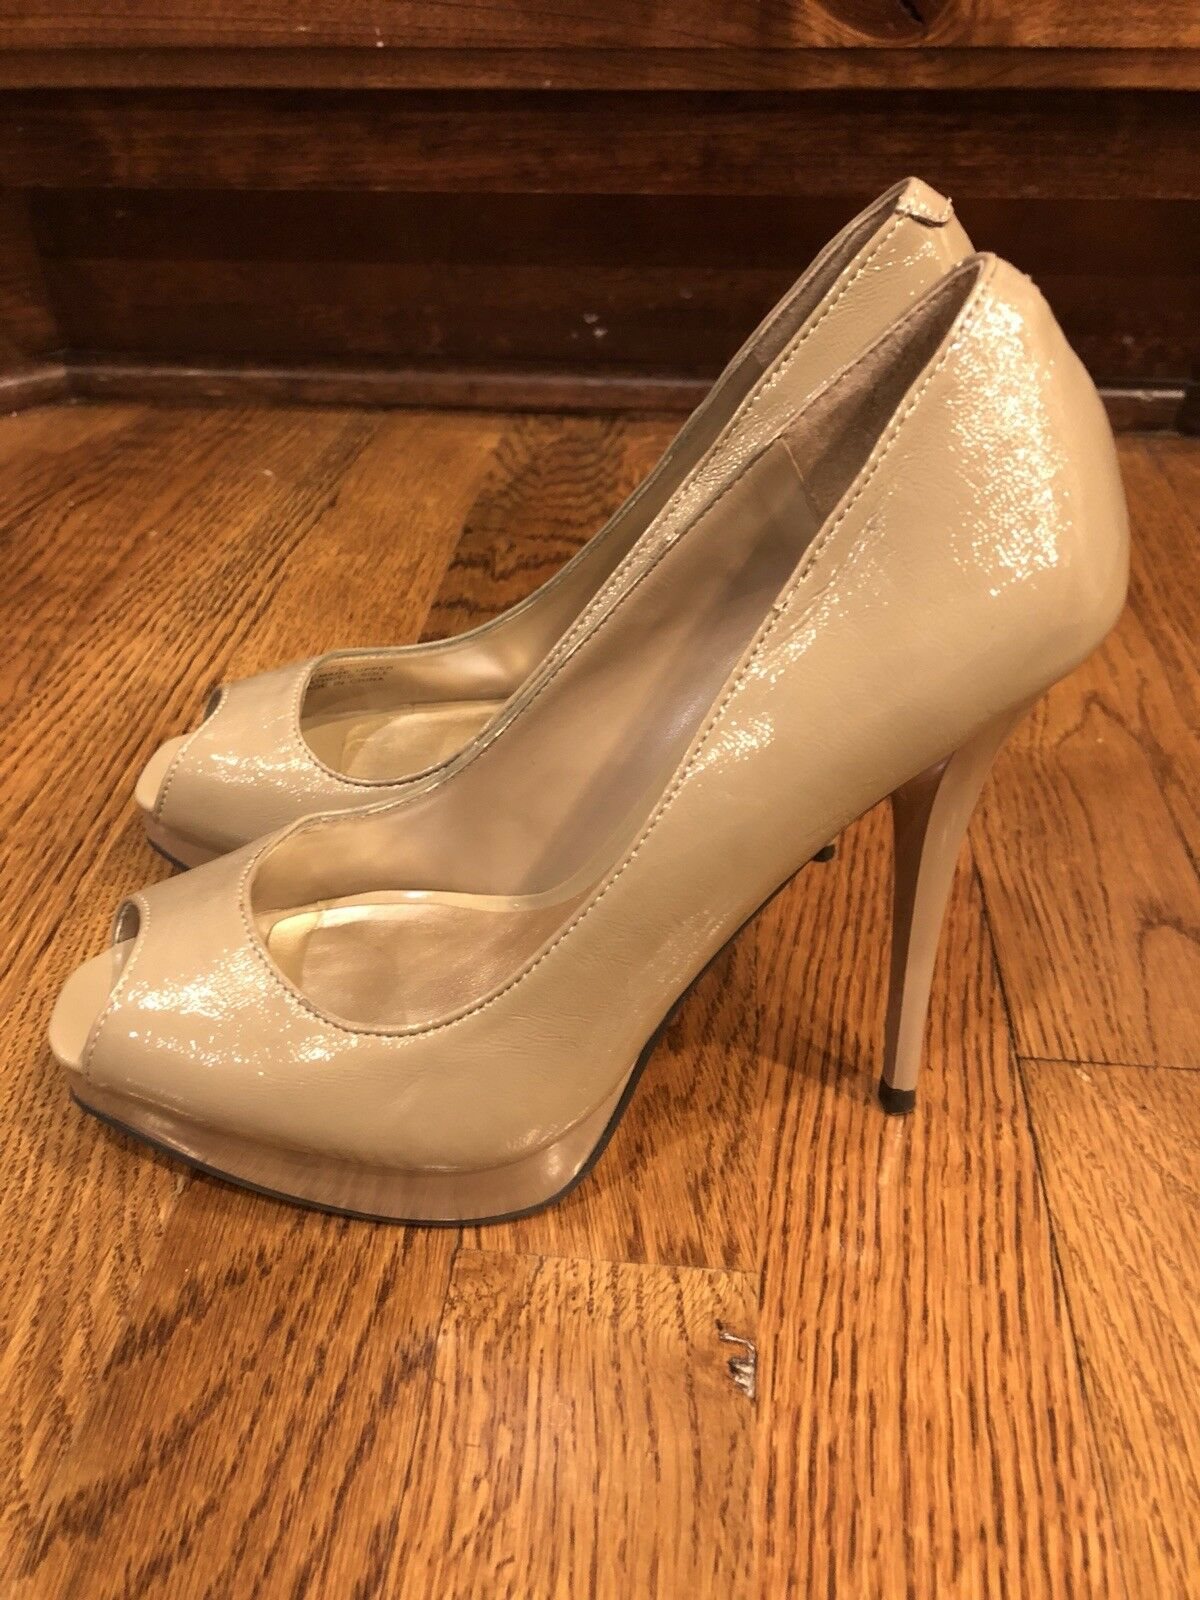 Steve Madden Nude Open Toe Heels, Size 6